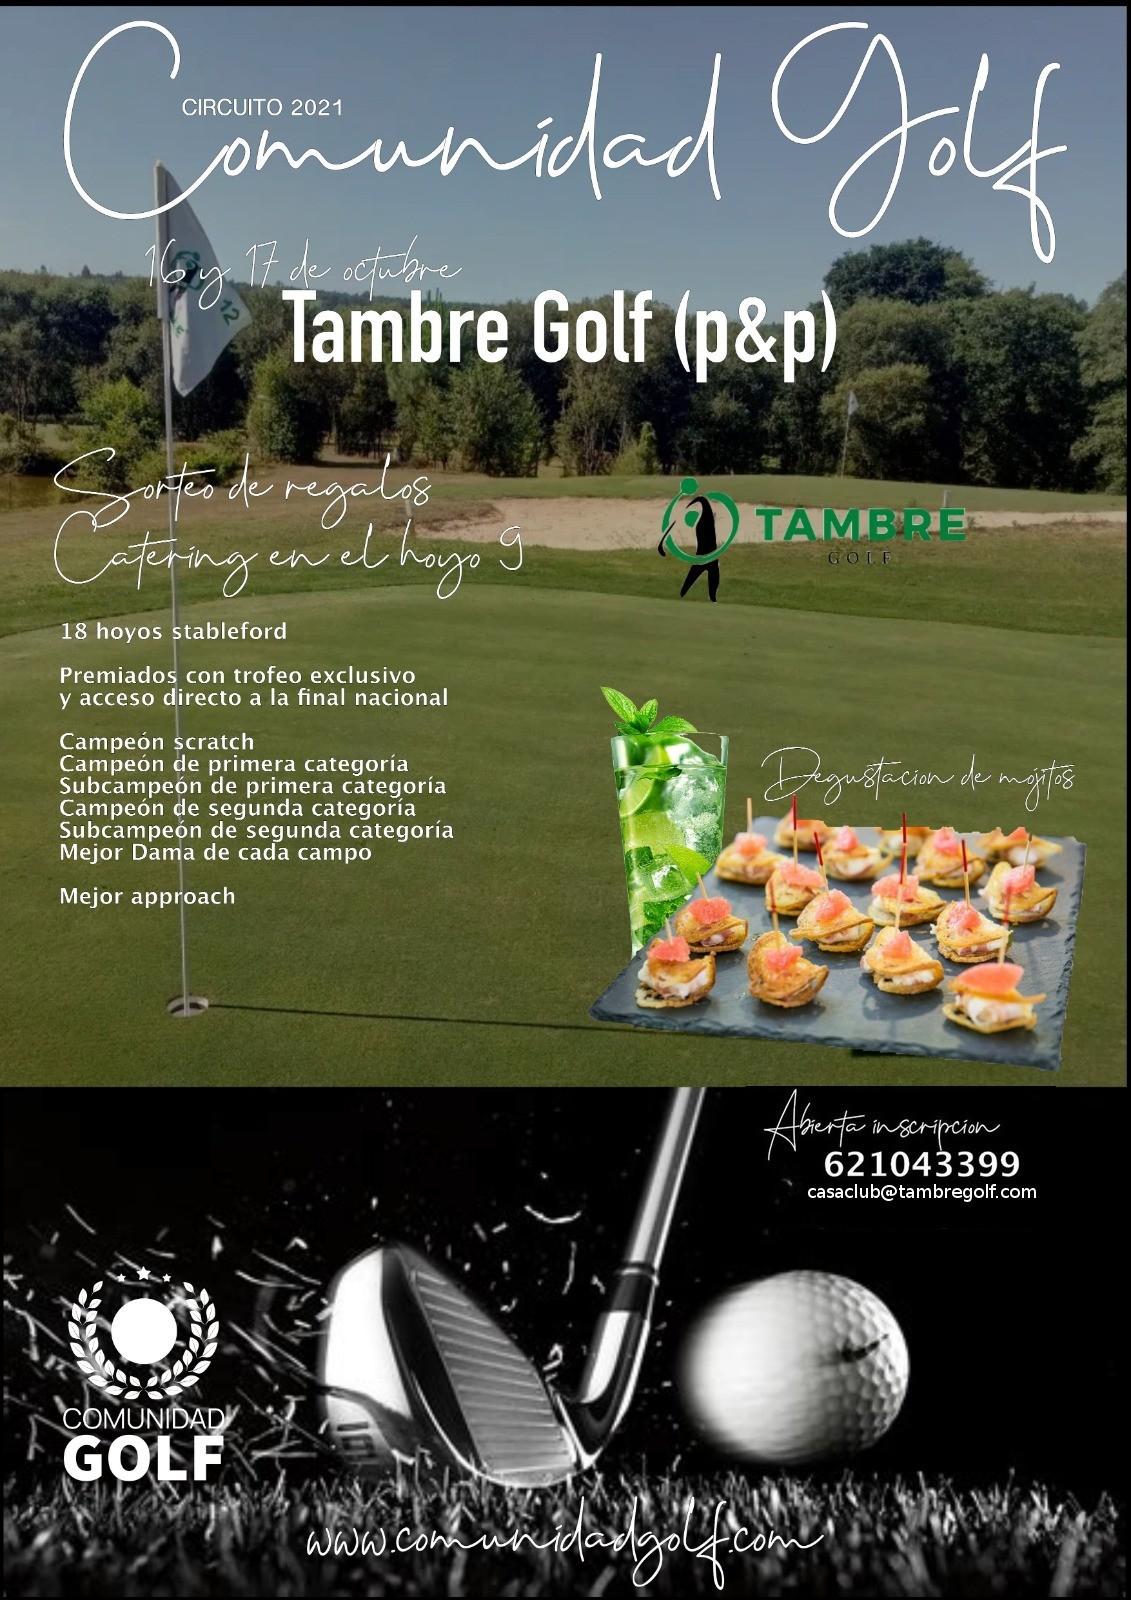 Circuito Comunidad Golf Tambre